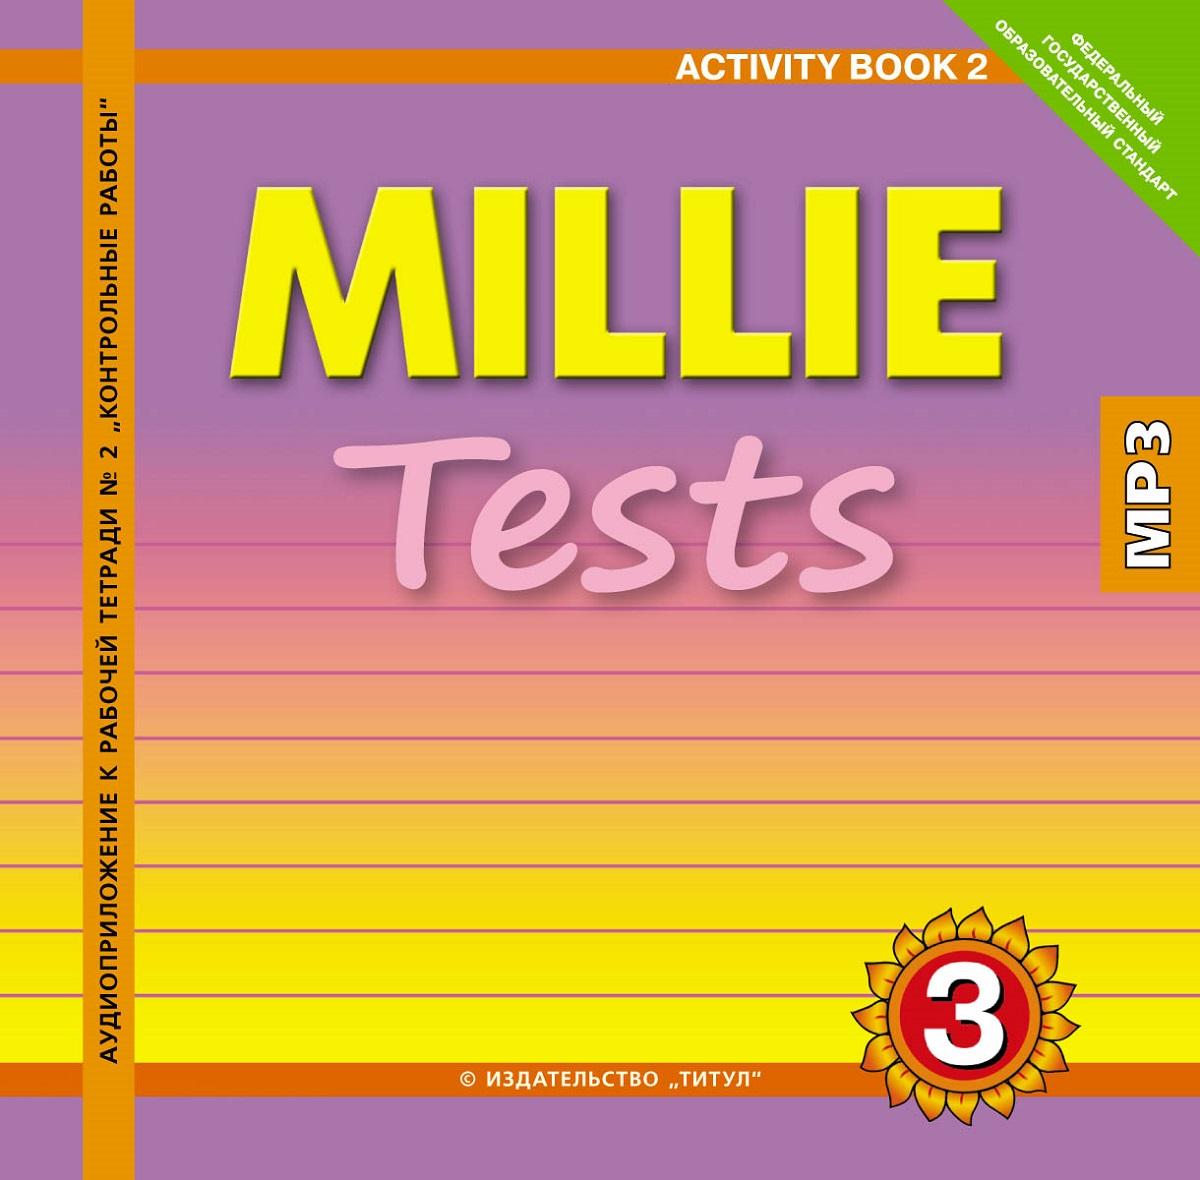 Millie Tests 3: Activity Book 2 (аудиокурс MP3)12296407Аудиоприложение к рабочей тетради №2 Контрольные работы является составной частью учебного комплекта Милли / Millie для 2-го класса общеобразовательных учреждений. Назначение аудиоприложения - контроль усвоения учебного материала учебника и подготовка учащихся к выполнению контрольных работ Аудиоприложение позволяет проверить умения учащихся в аудировании и является эффективным пособием для подготовки учащихся к выполнению контрольных работ как в рамках УМК Millie, так и при работе по другим УМК.